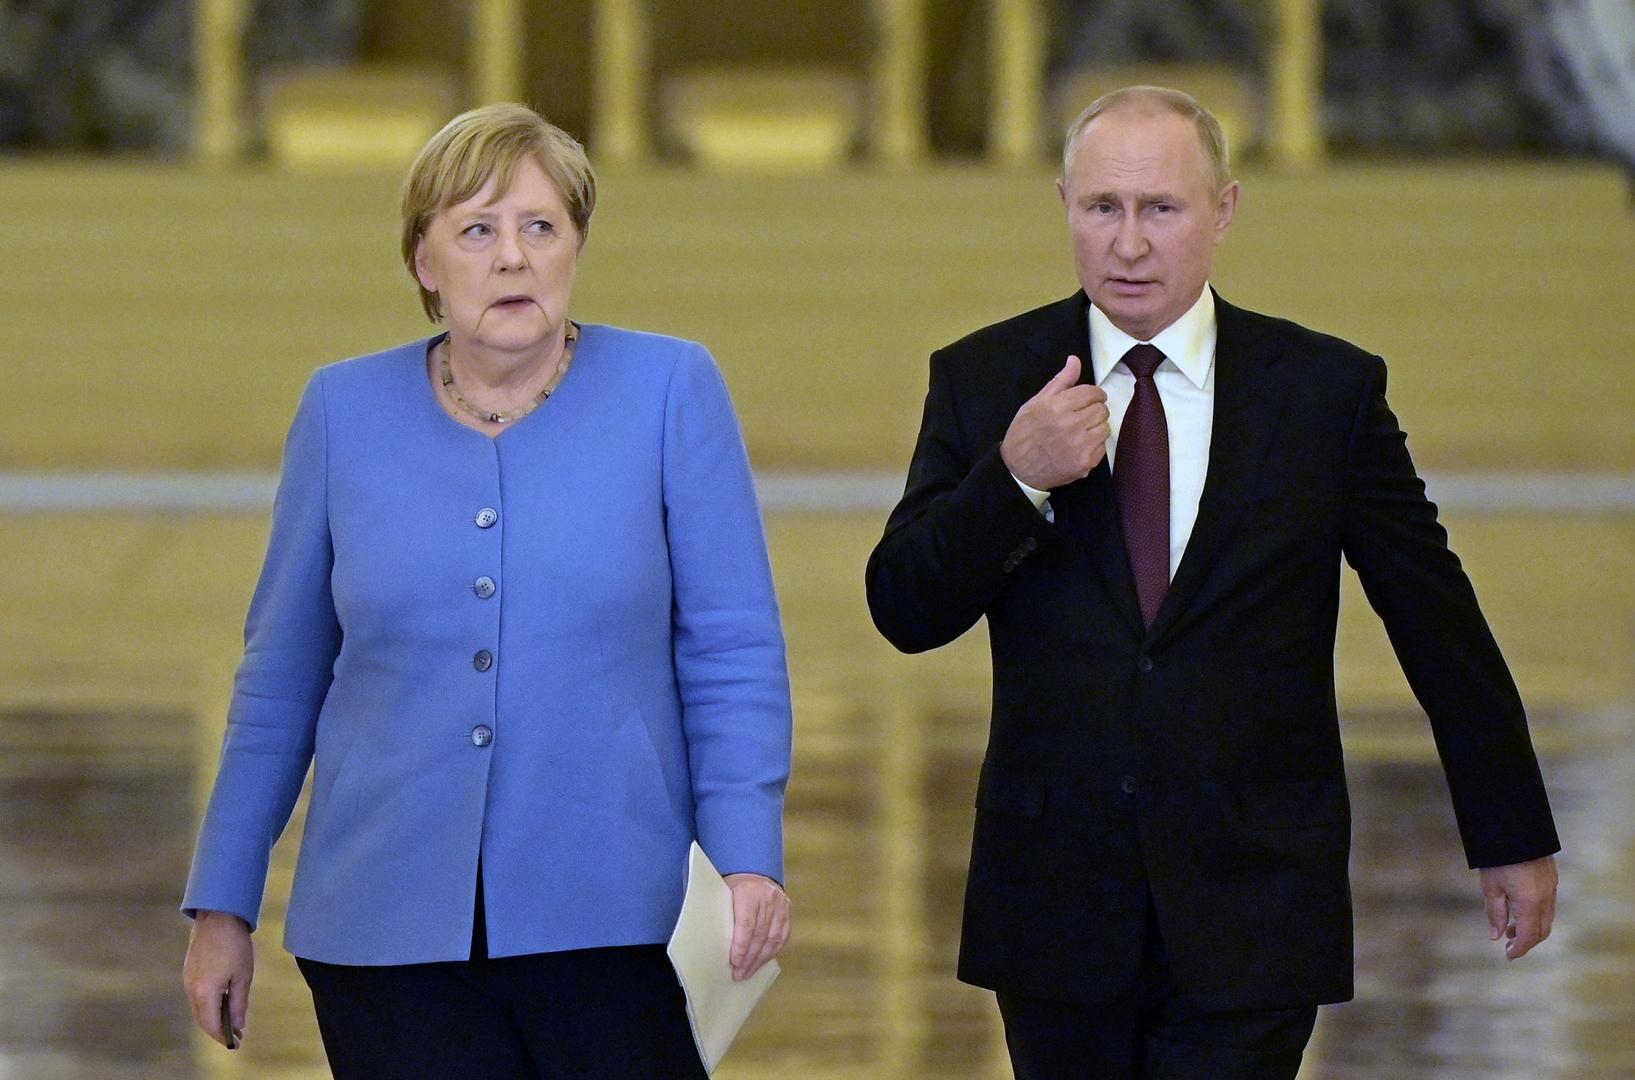 بوتين: كييف تستعد للخروج فعليا من اتفاقات مينسك